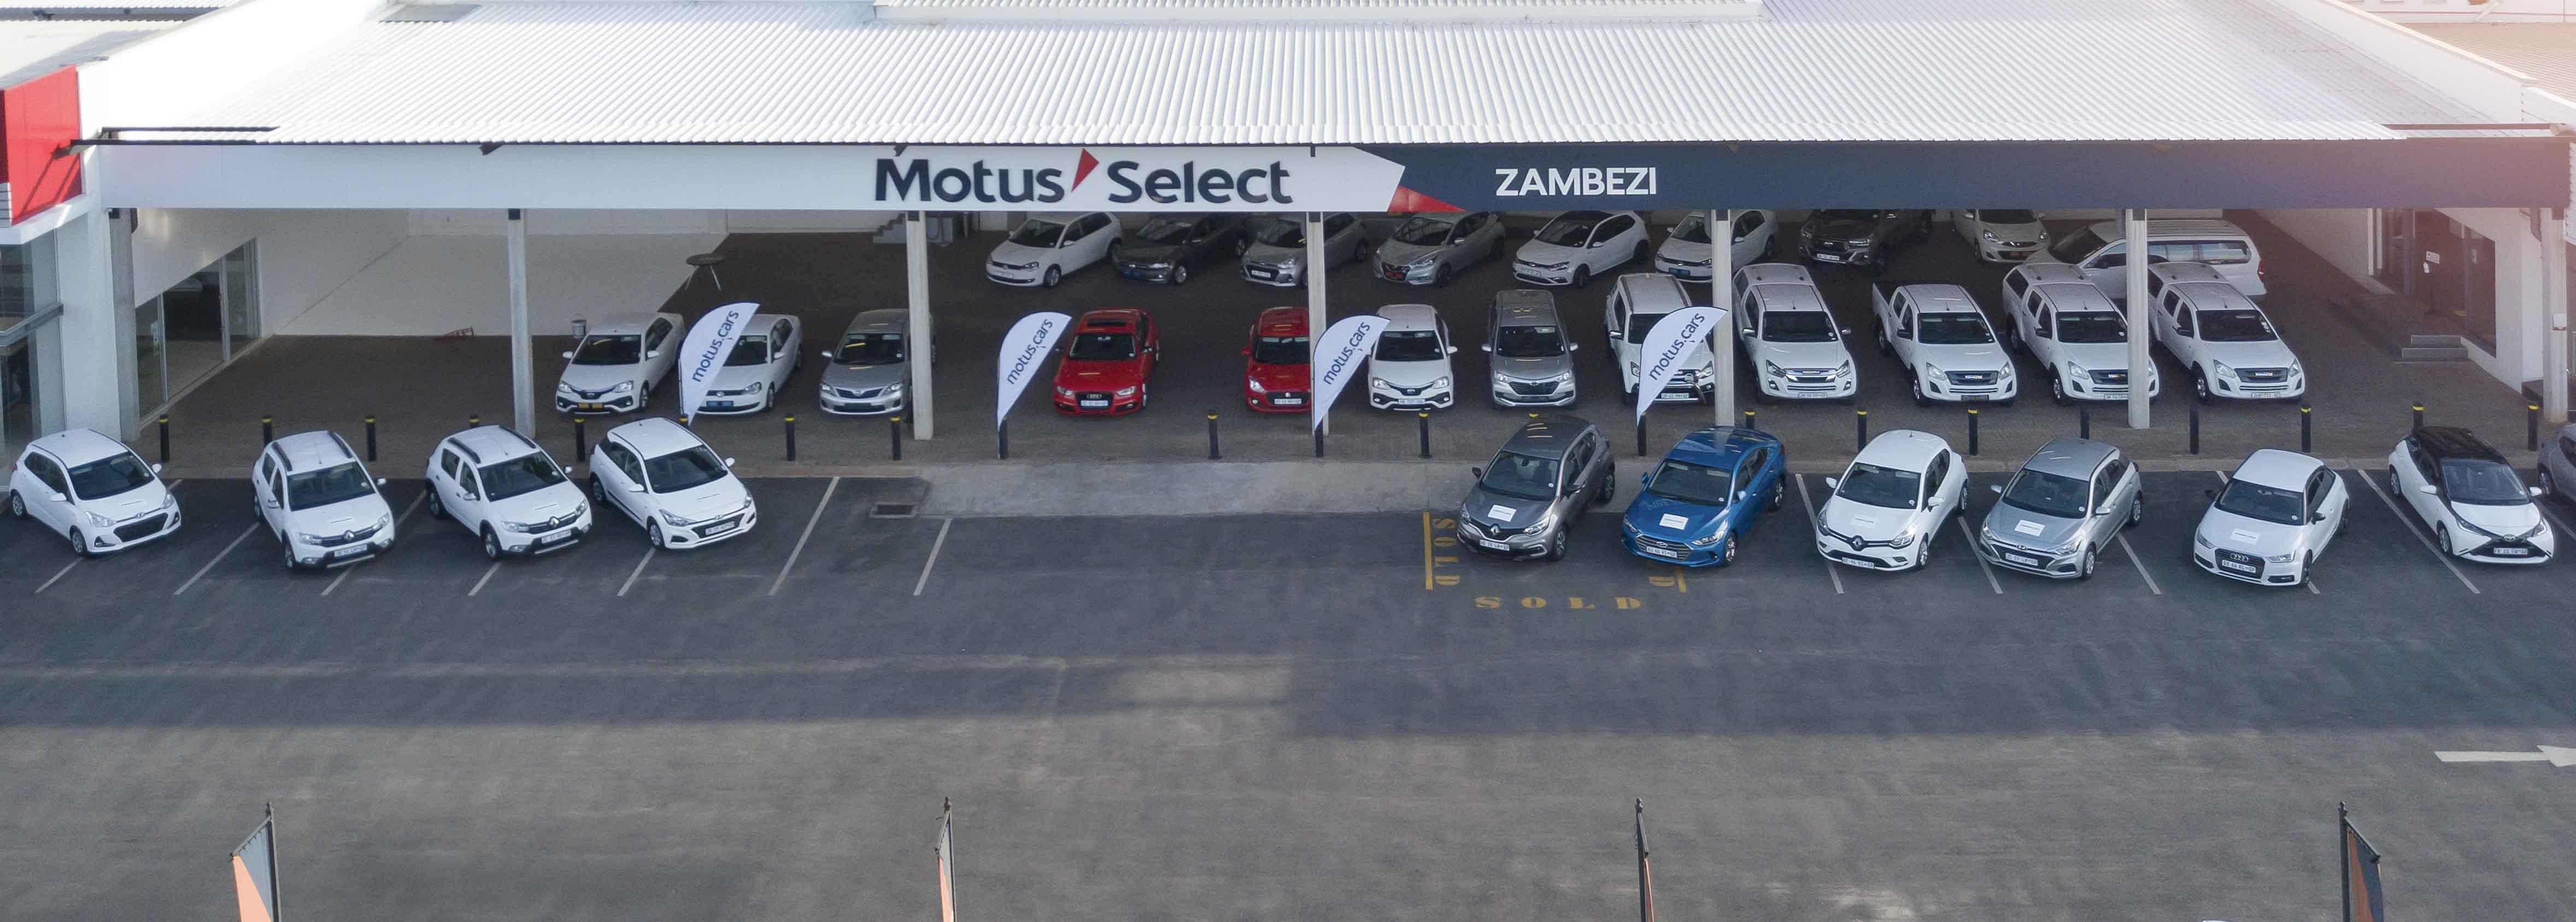 Motus Select, a company on the move